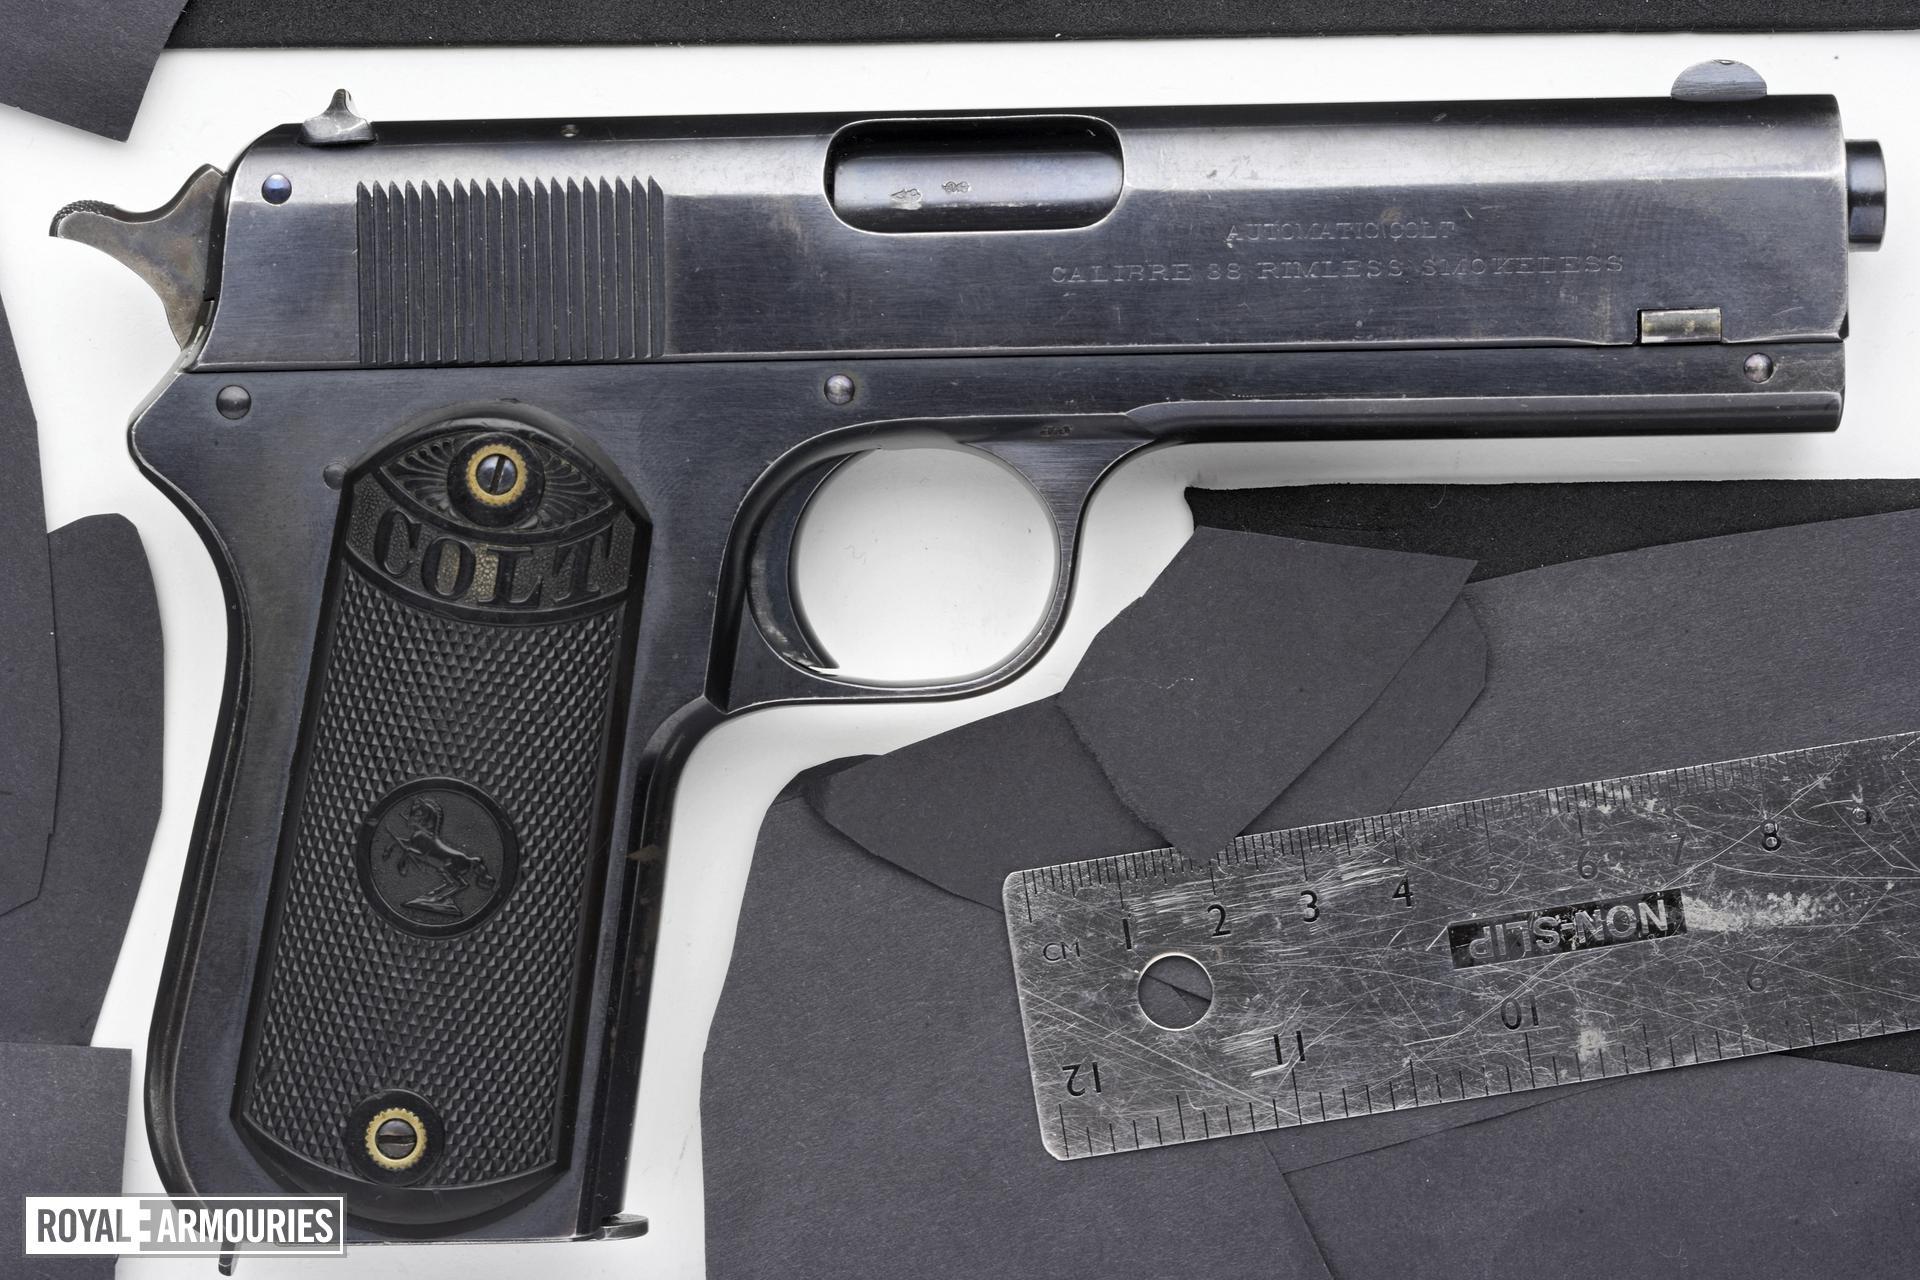 Centrefire self-loading pistol - Colt Pocket Model 1903